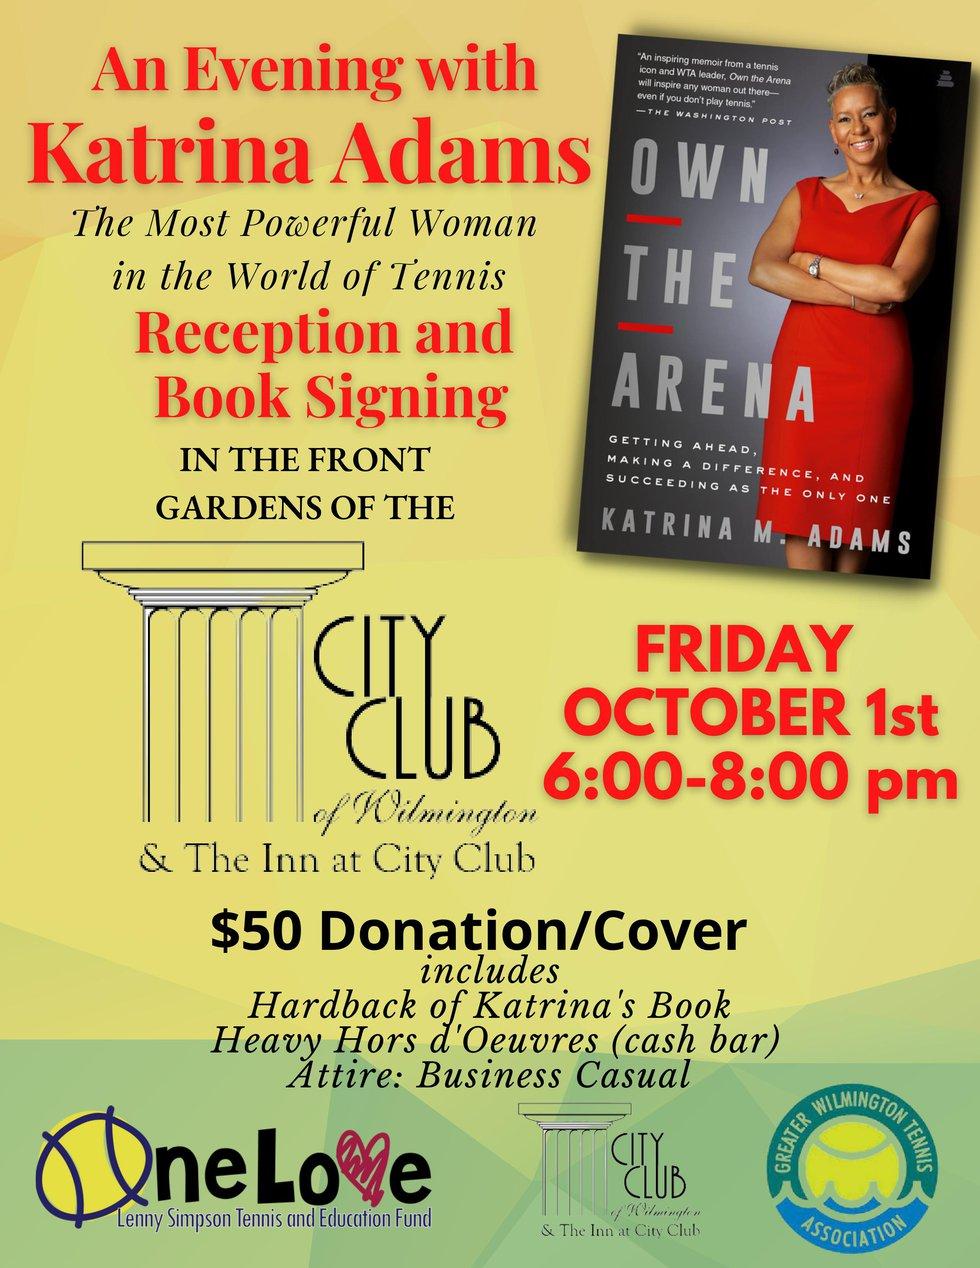 An Evening with Katrina Adams